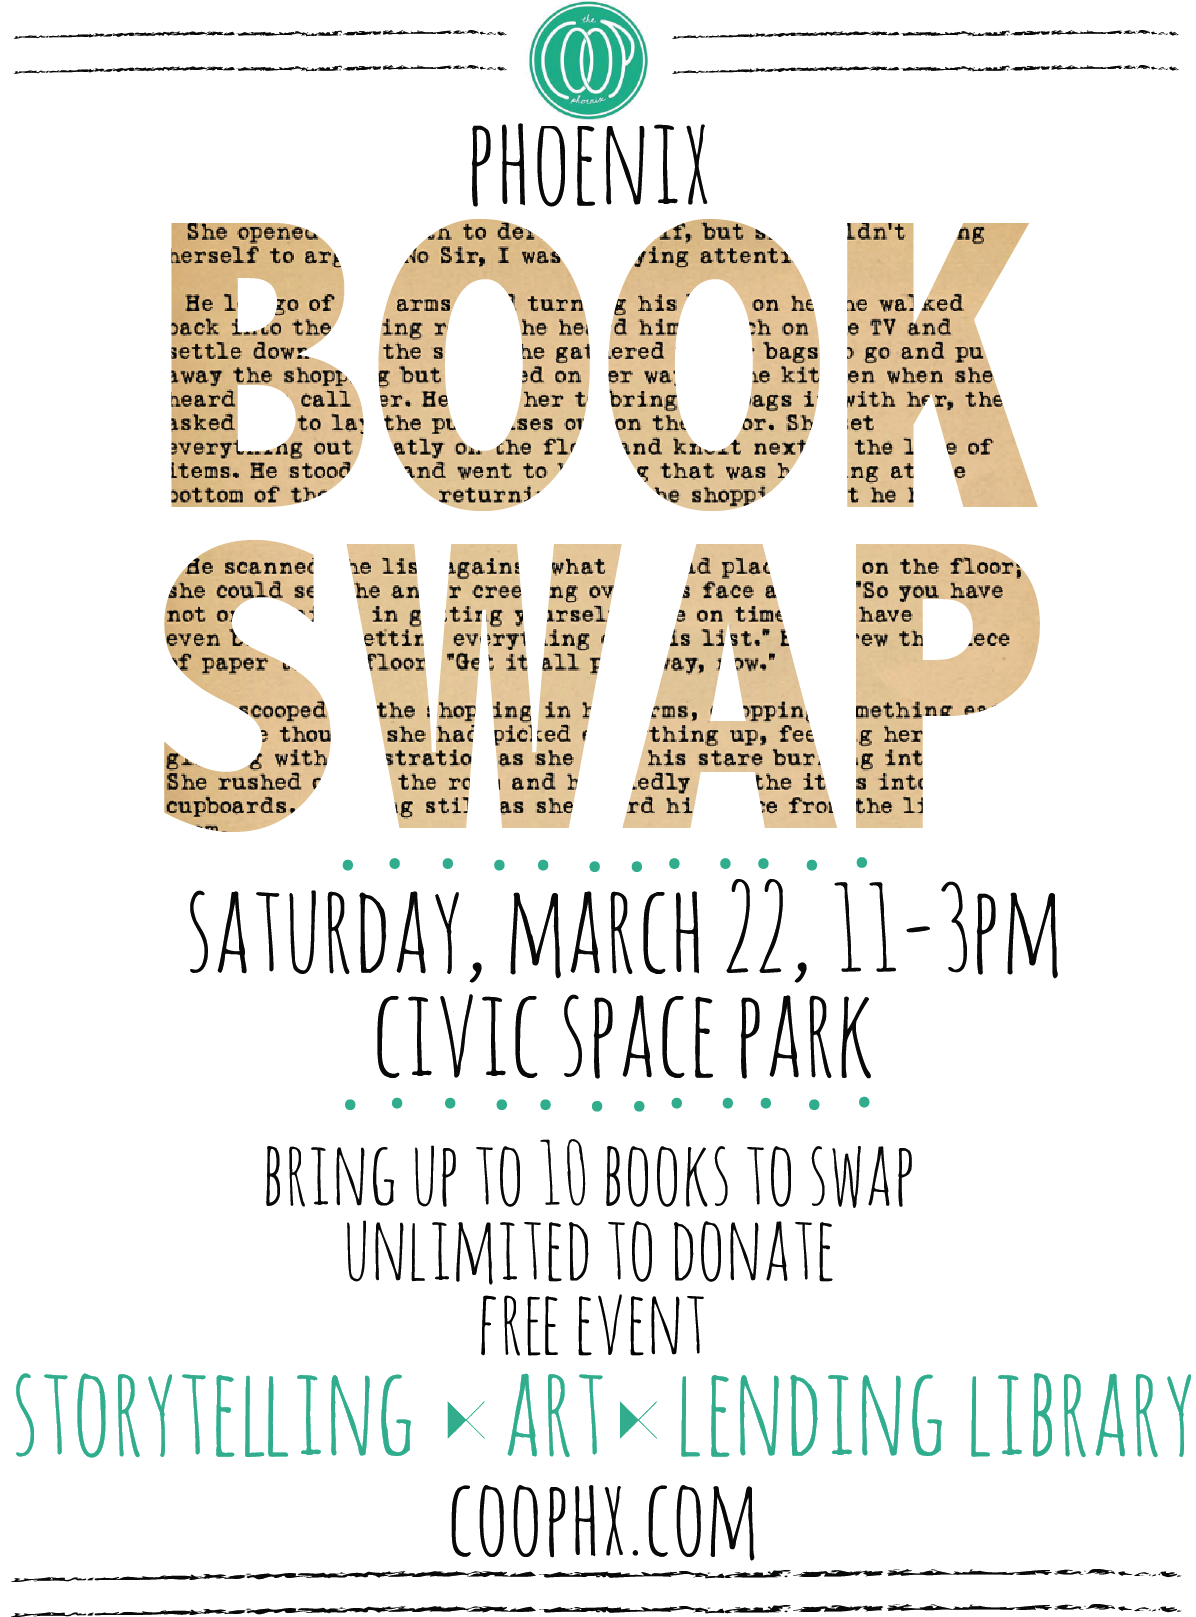 book_swap_flyer.png